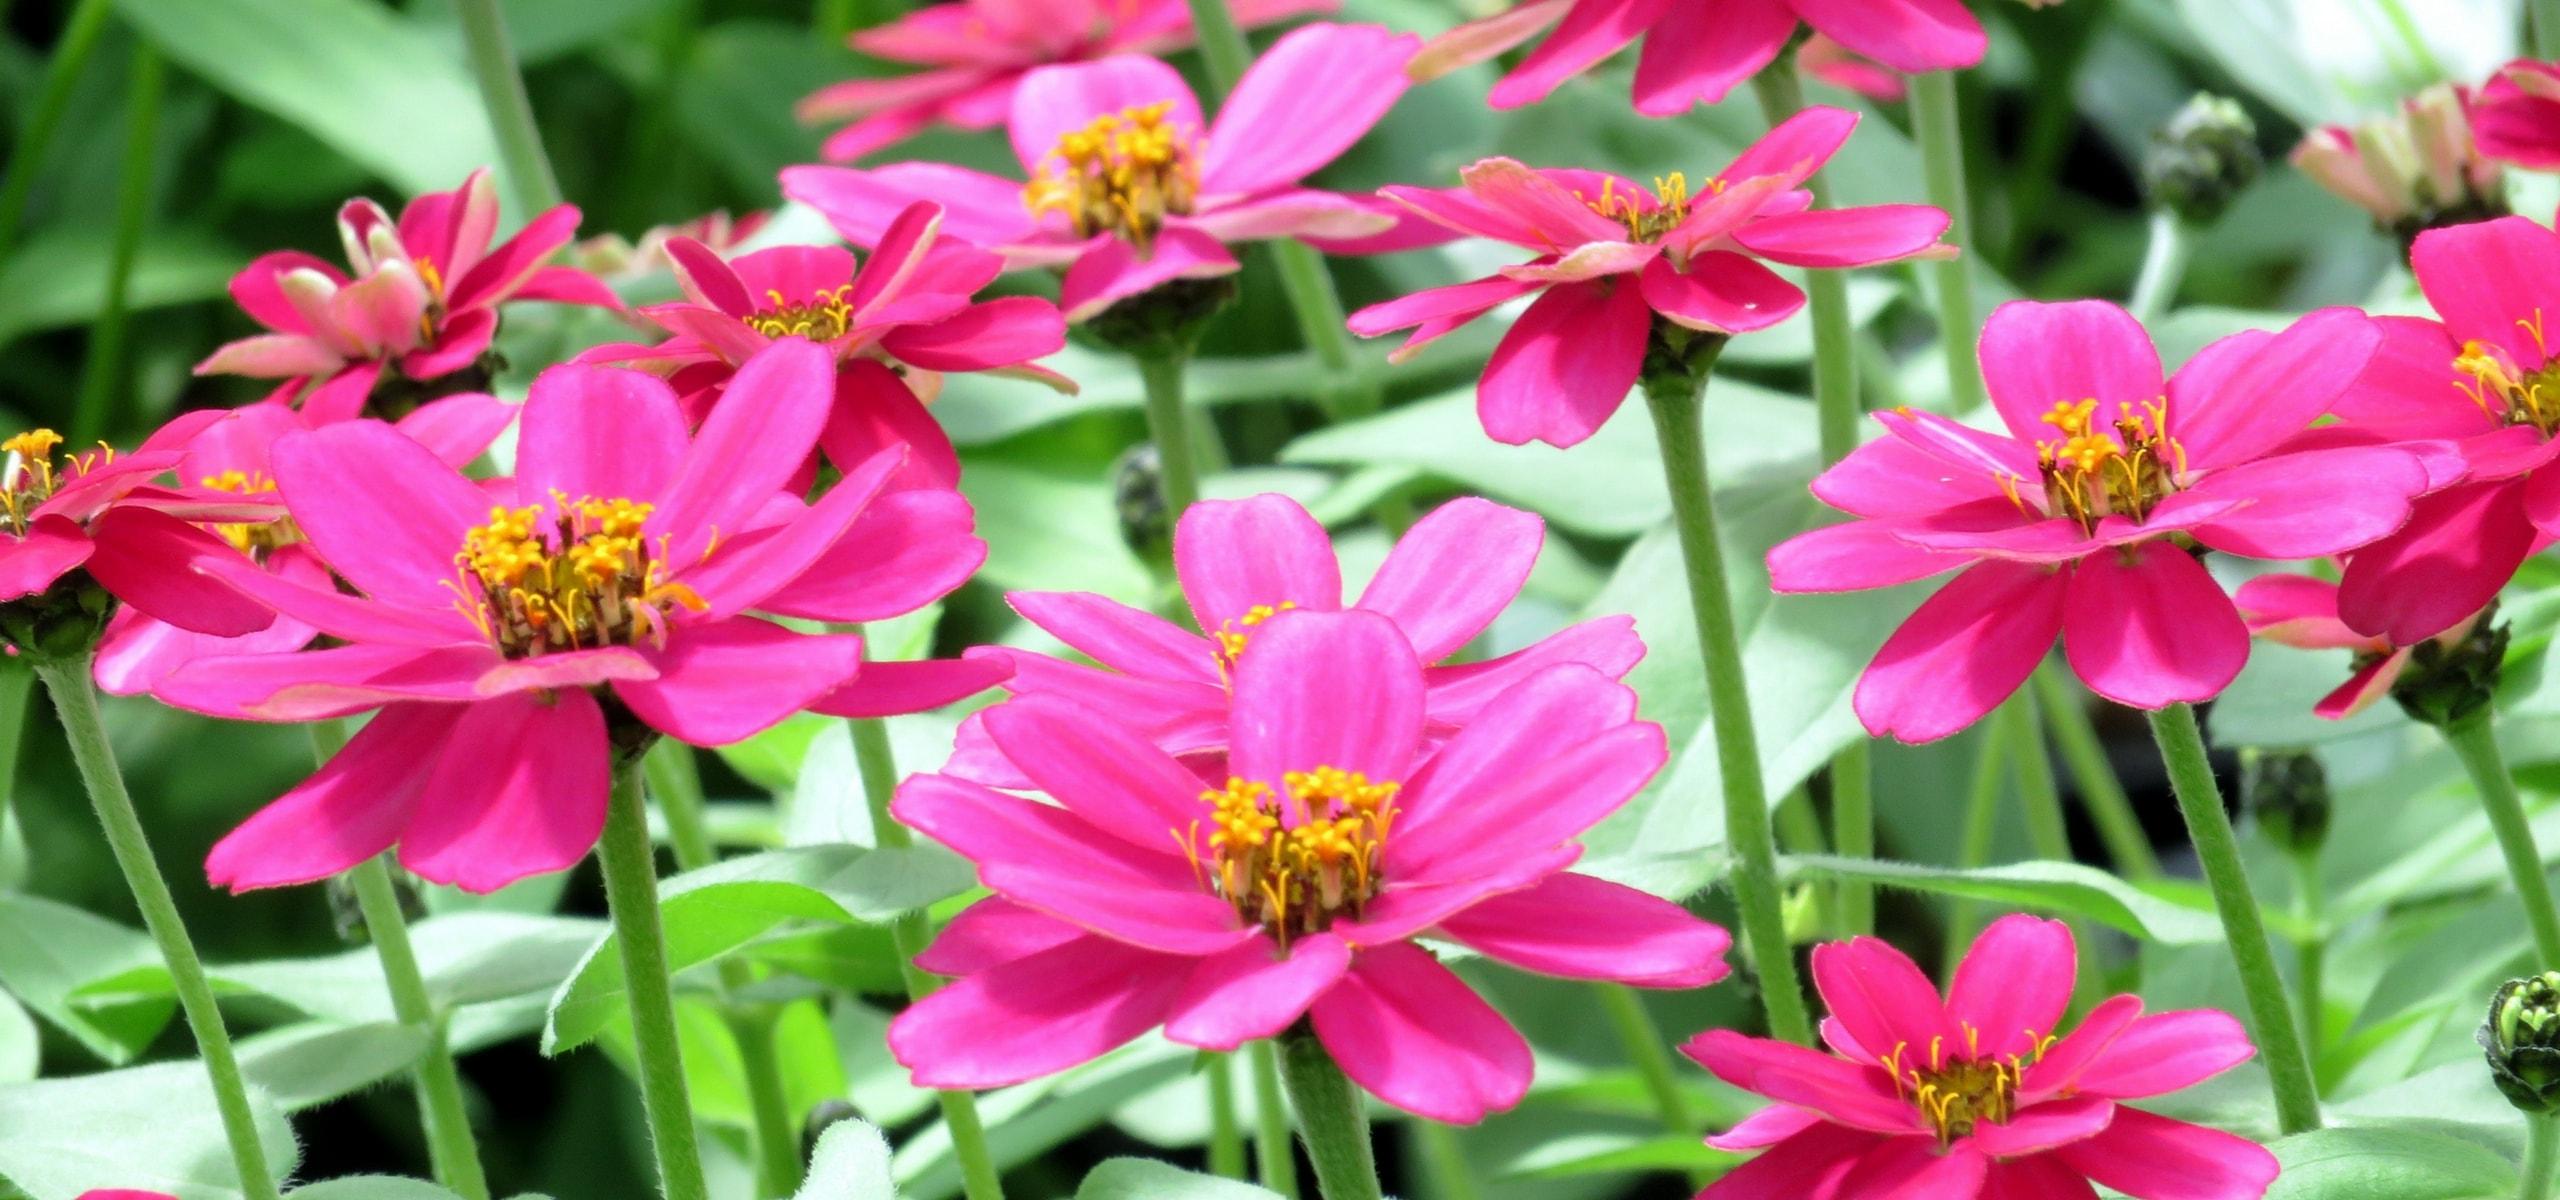 plantes annuelles comment les planter et les soigner blog promesse de fleurs. Black Bedroom Furniture Sets. Home Design Ideas